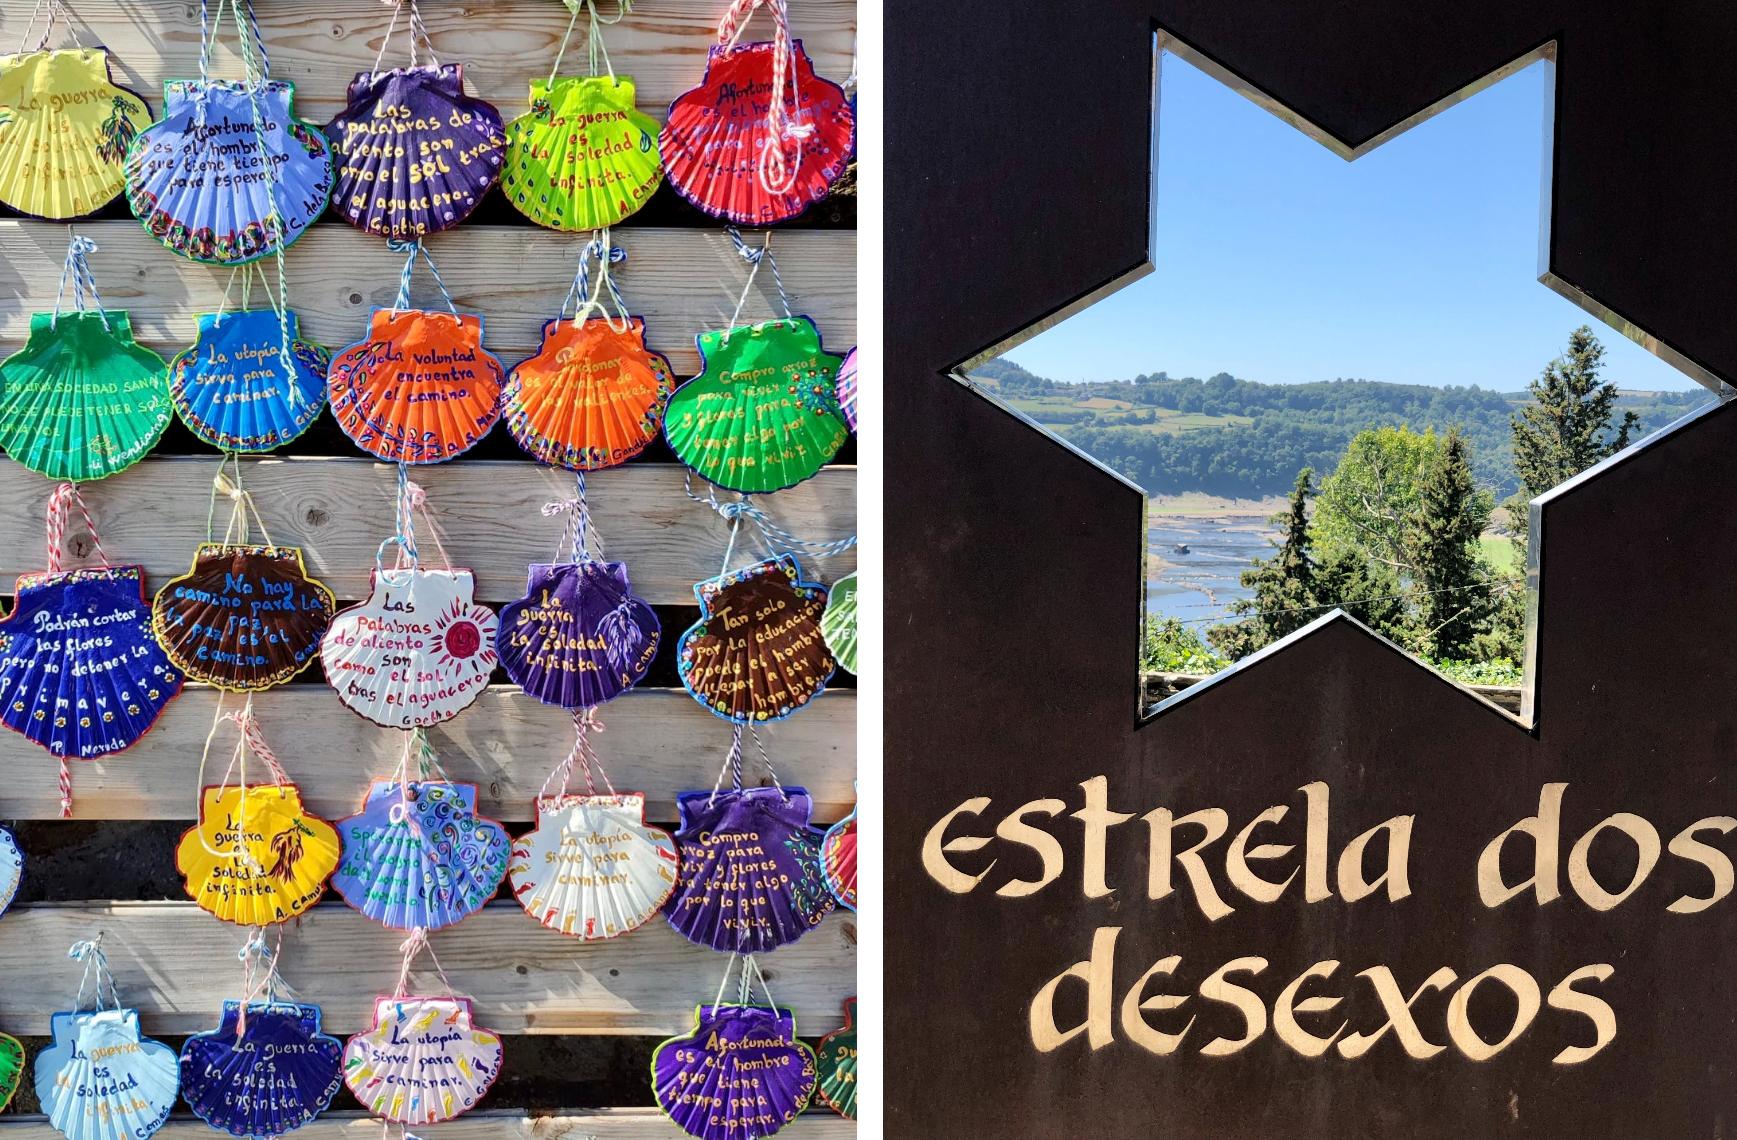 Conchas del peregrino y Estrella de los deseos en Portimarín